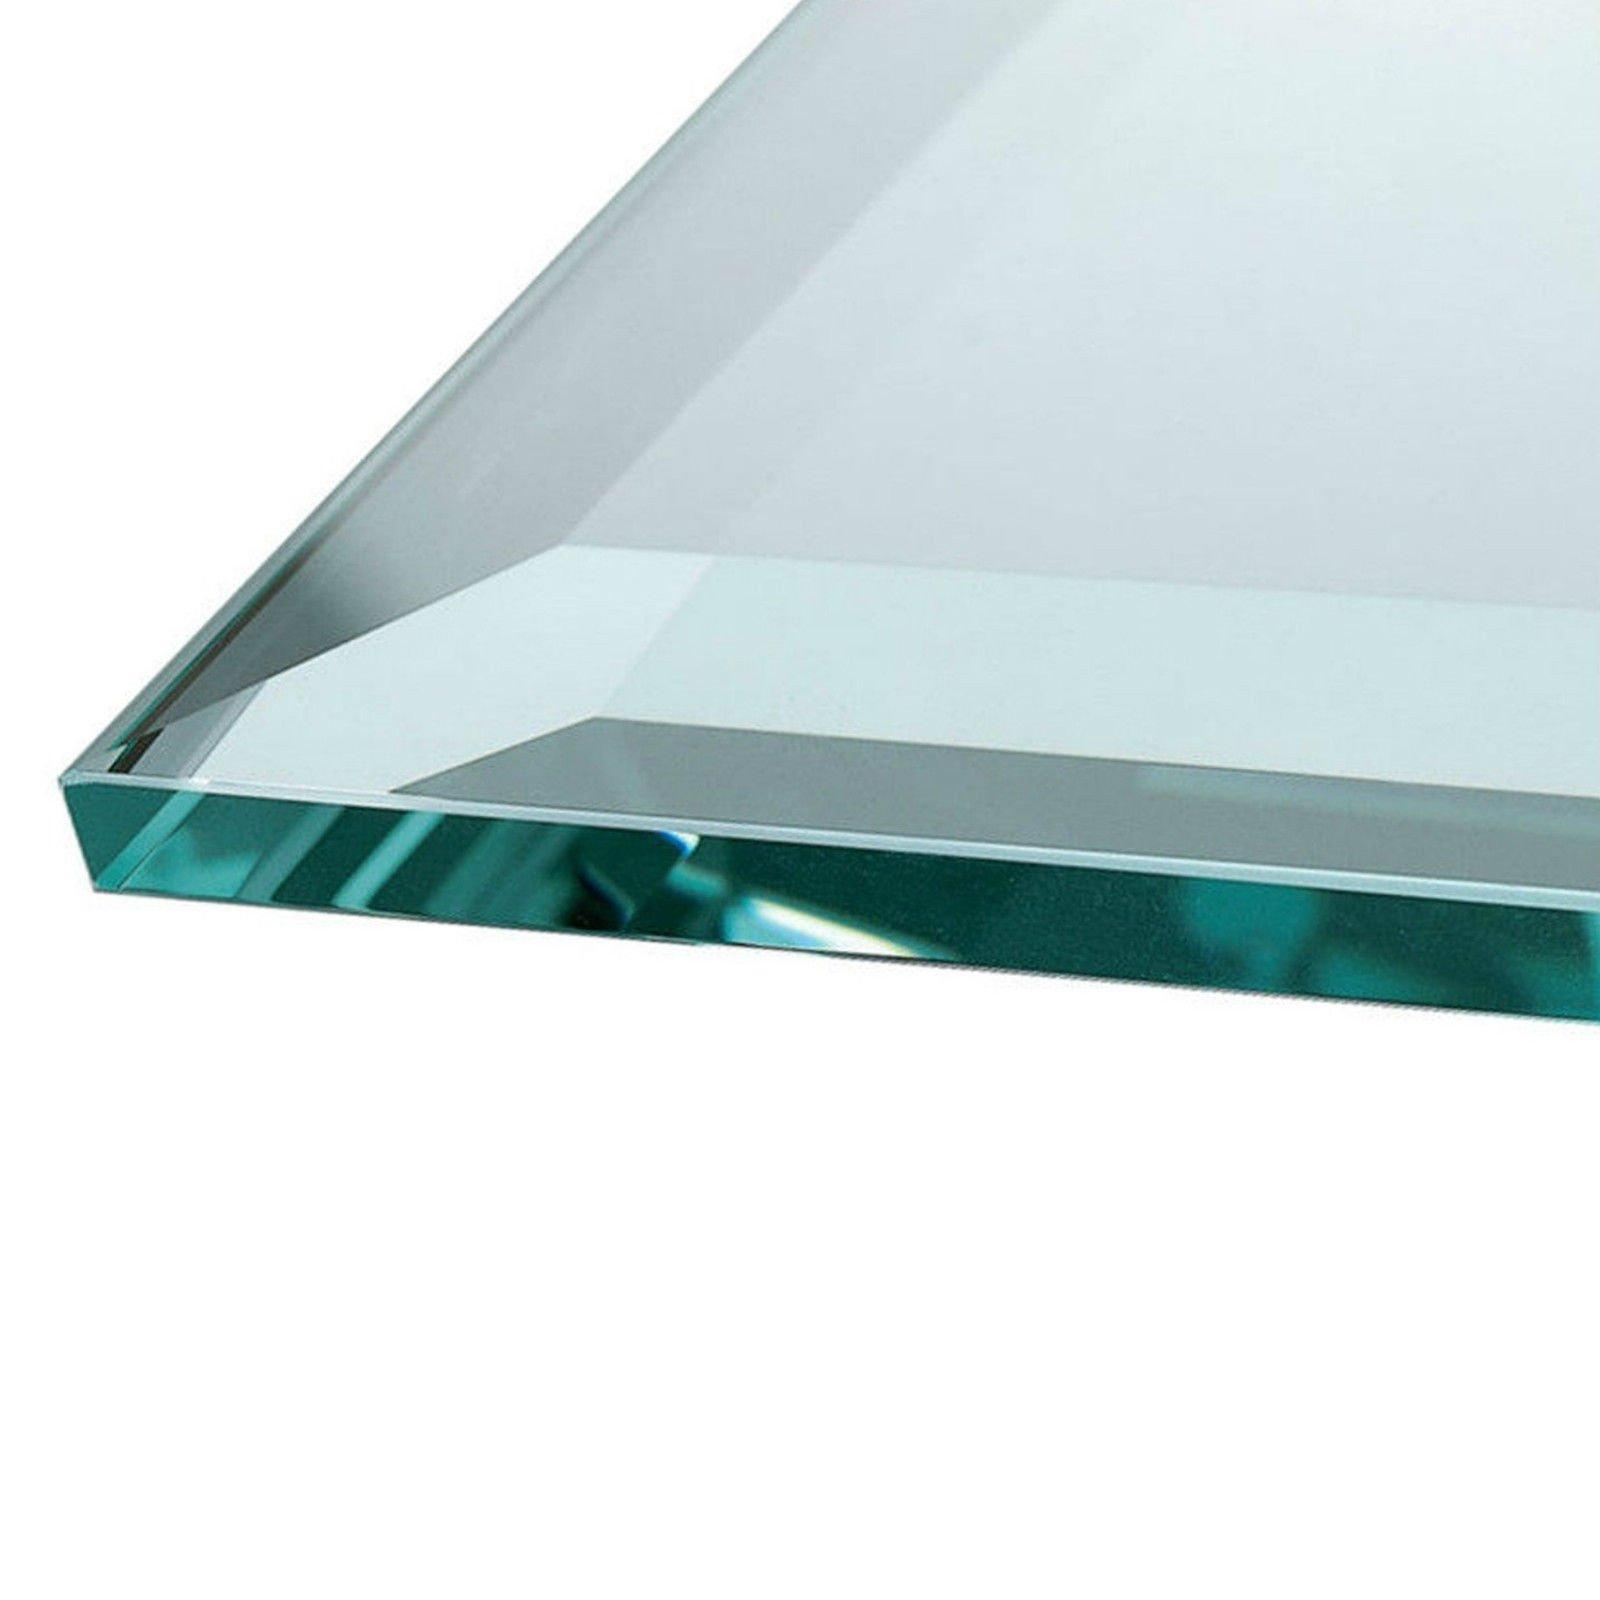 Euro Tische Glasplatte für Kaminofen - Glasscheibe mit 6mm ESG Sicherheitsglas - perfekt geeignet als Funkenschutzplatte - Verschiedene Größen (70x70cm, Schwarz) 2